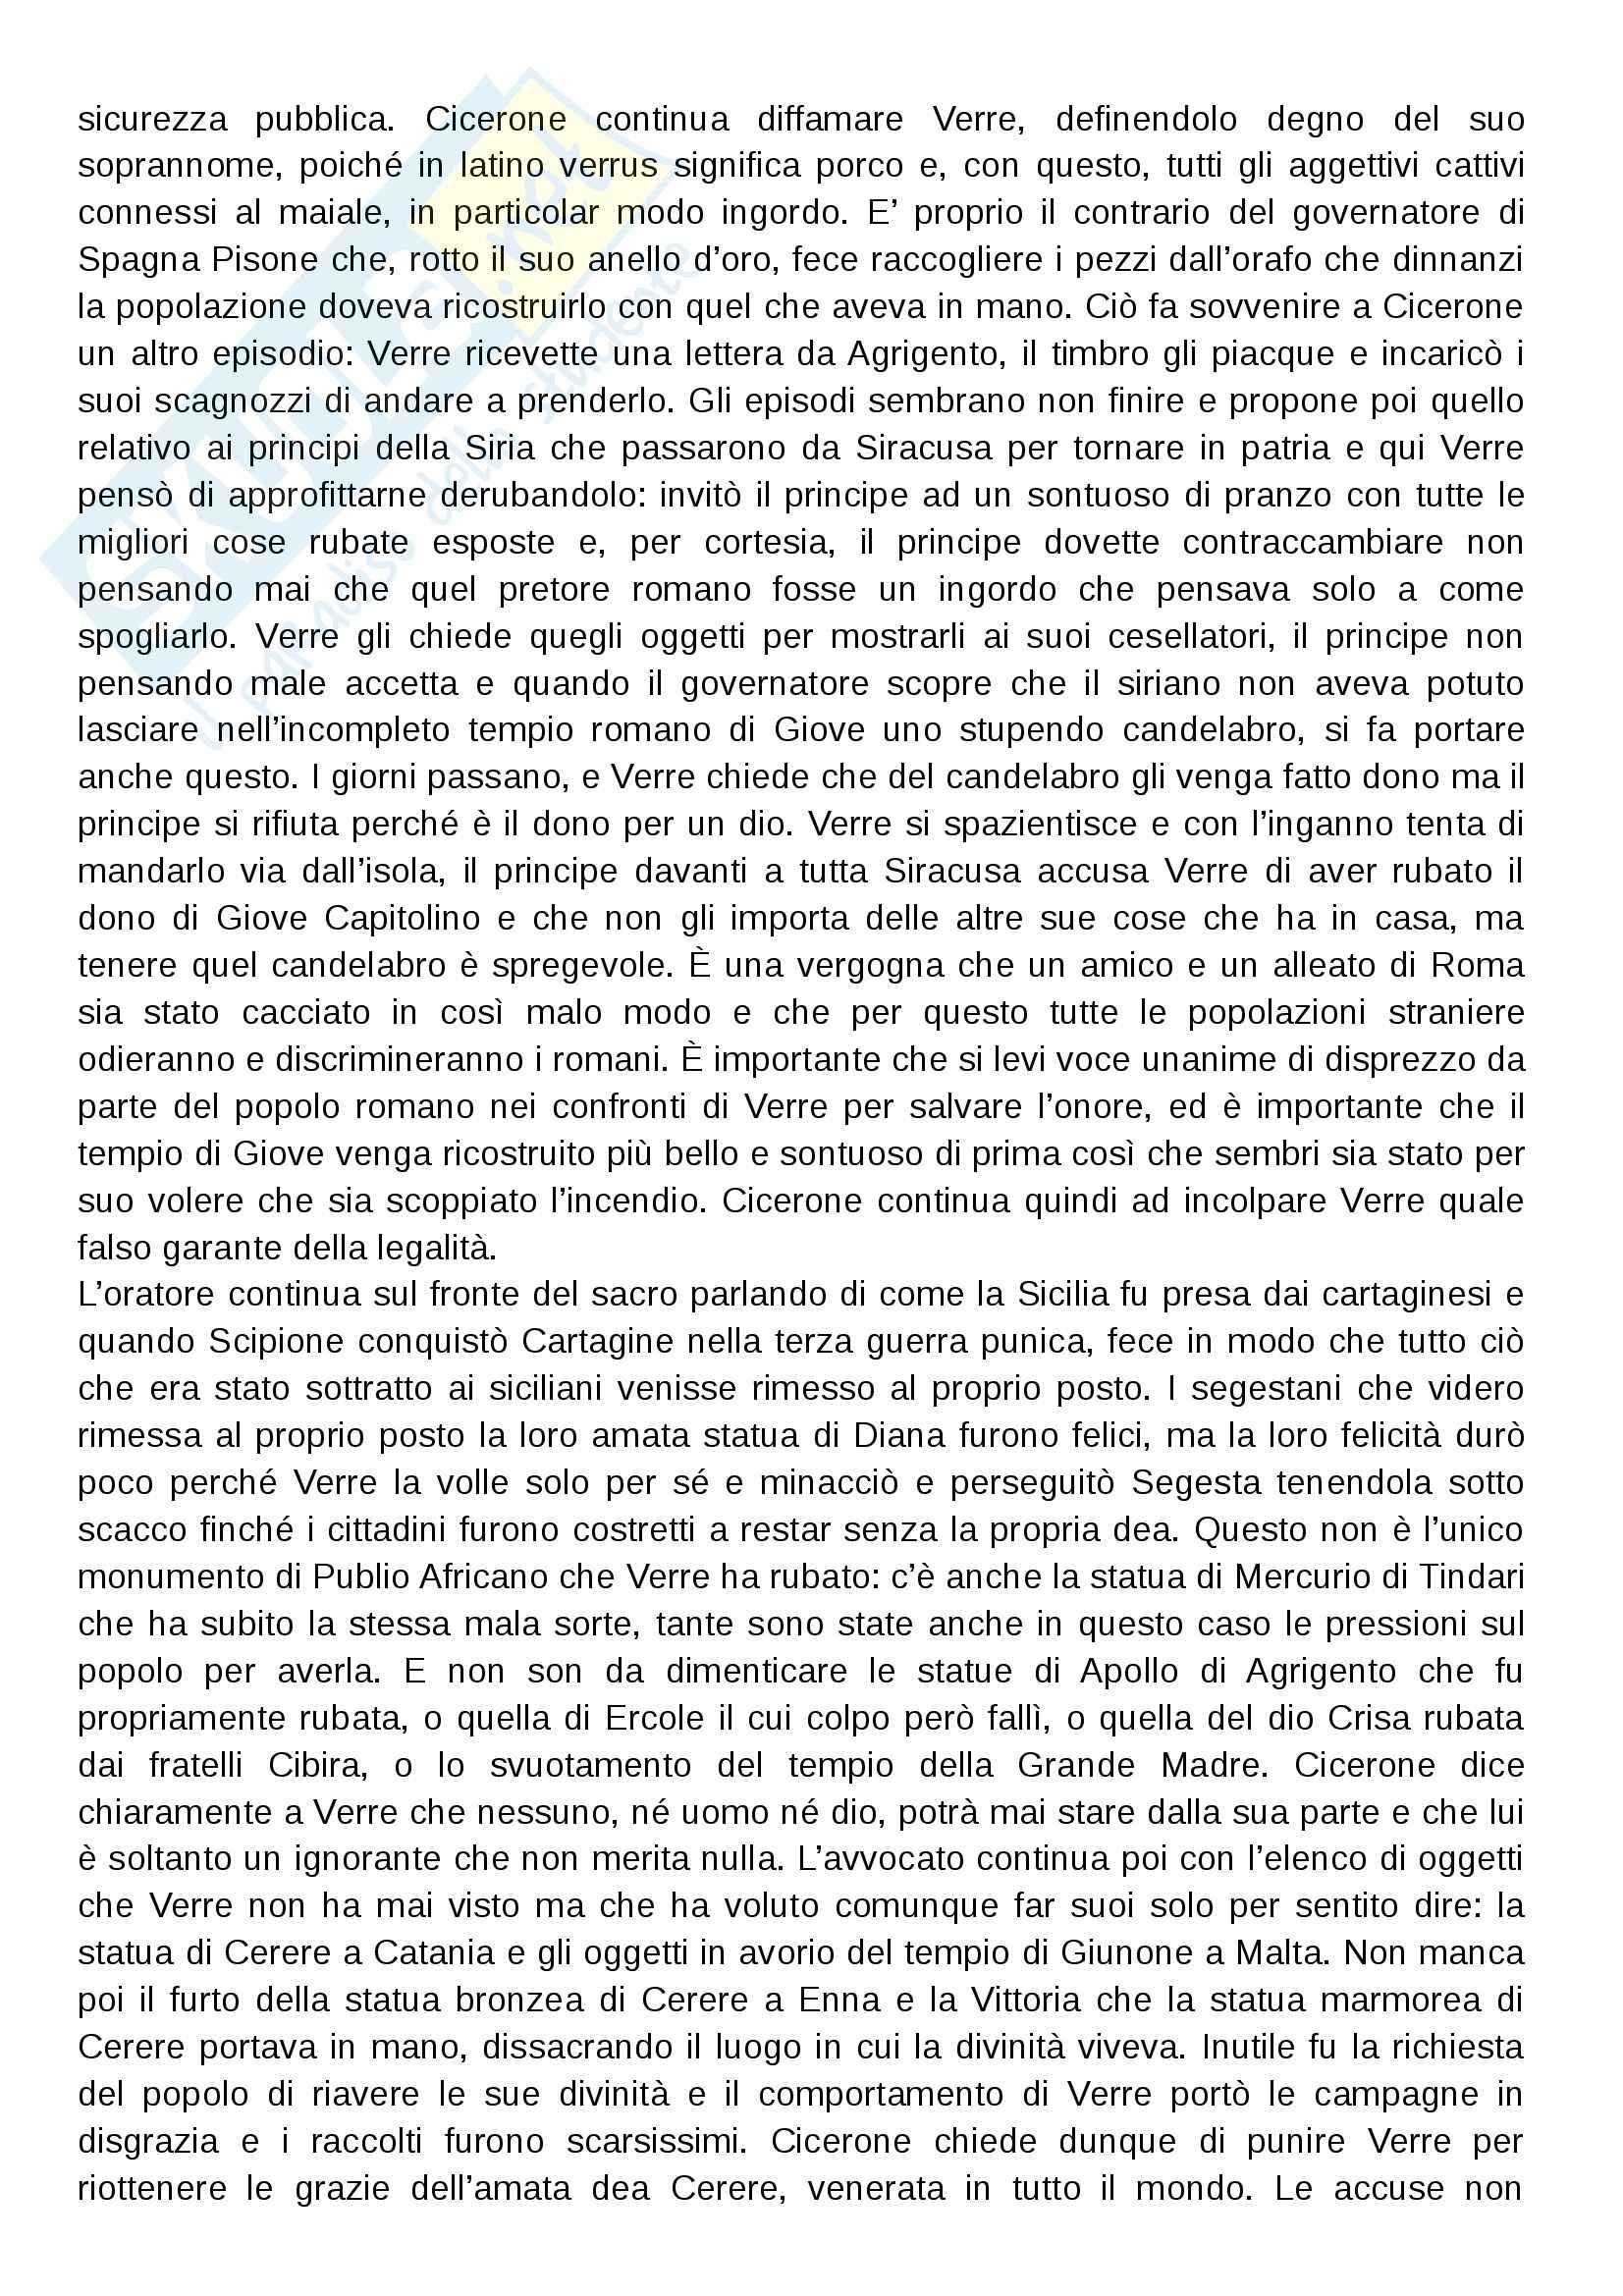 Processo di Verre, Storia romana Pag. 6